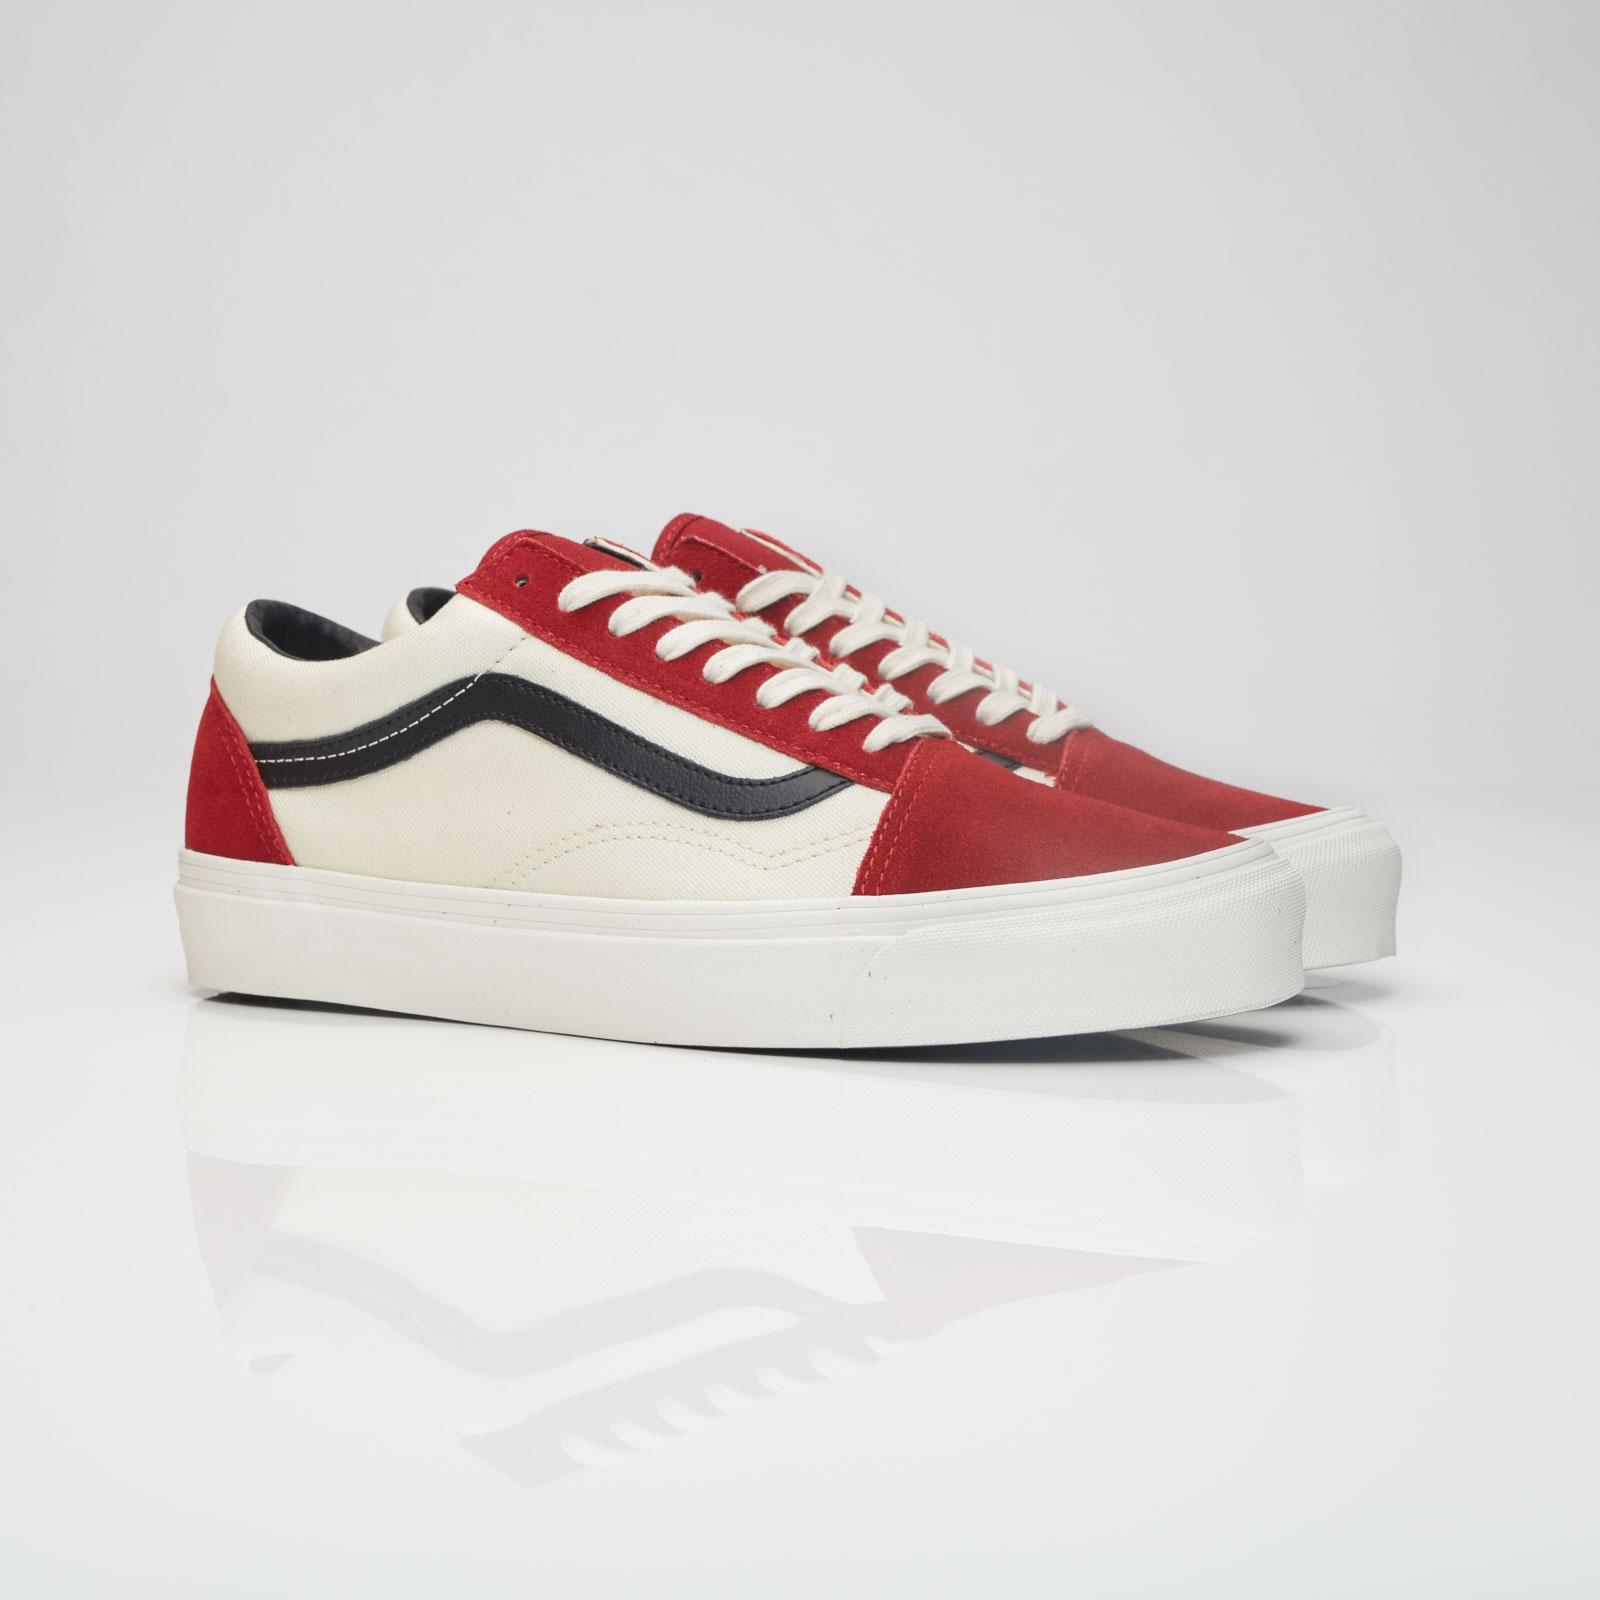 3c46779c25 Vans OG Old Skool LX - Va36c8n8t - Sneakersnstuff